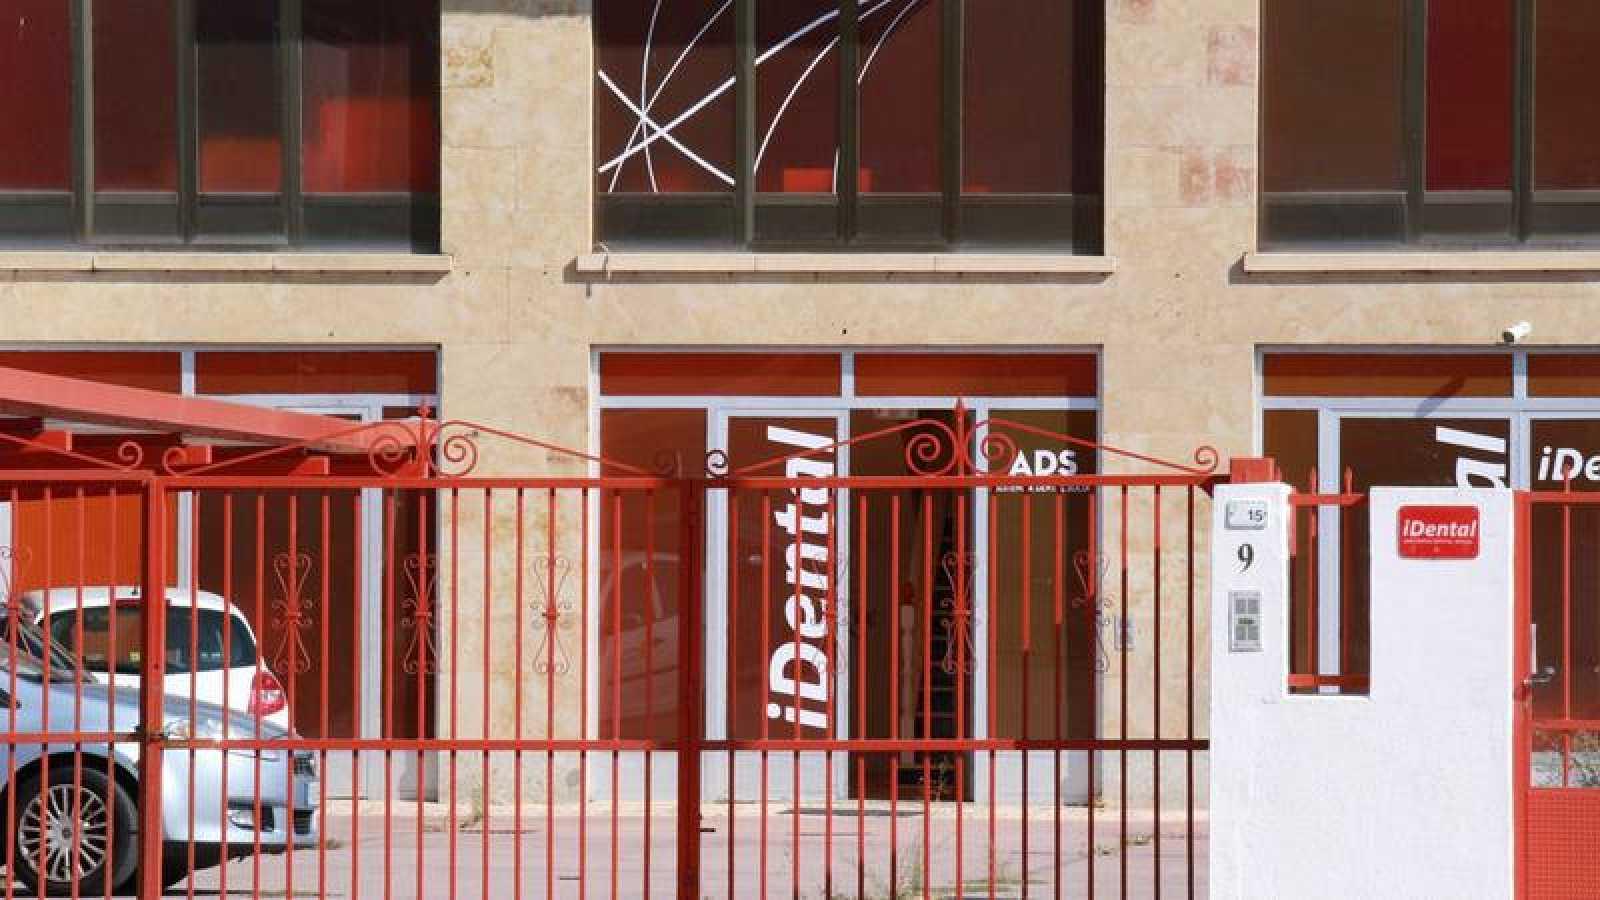 Imagen de archivo de la sede iDental en la ciudad de Salamanca